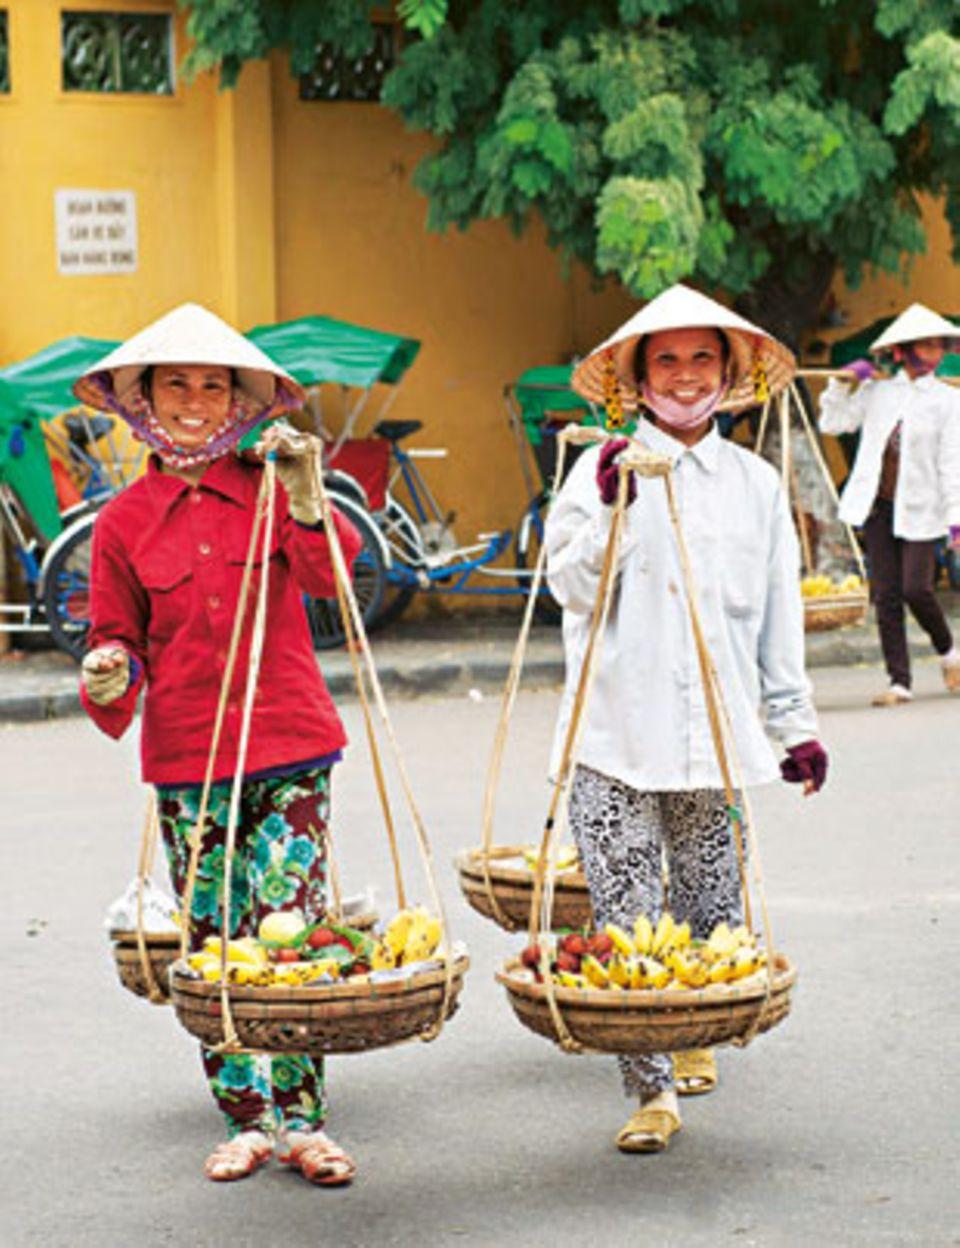 Vitamine to go: Bei den Obsthändlerinnen von Hoi An kauft man Bananen und Mangos im Vorbeigehen.